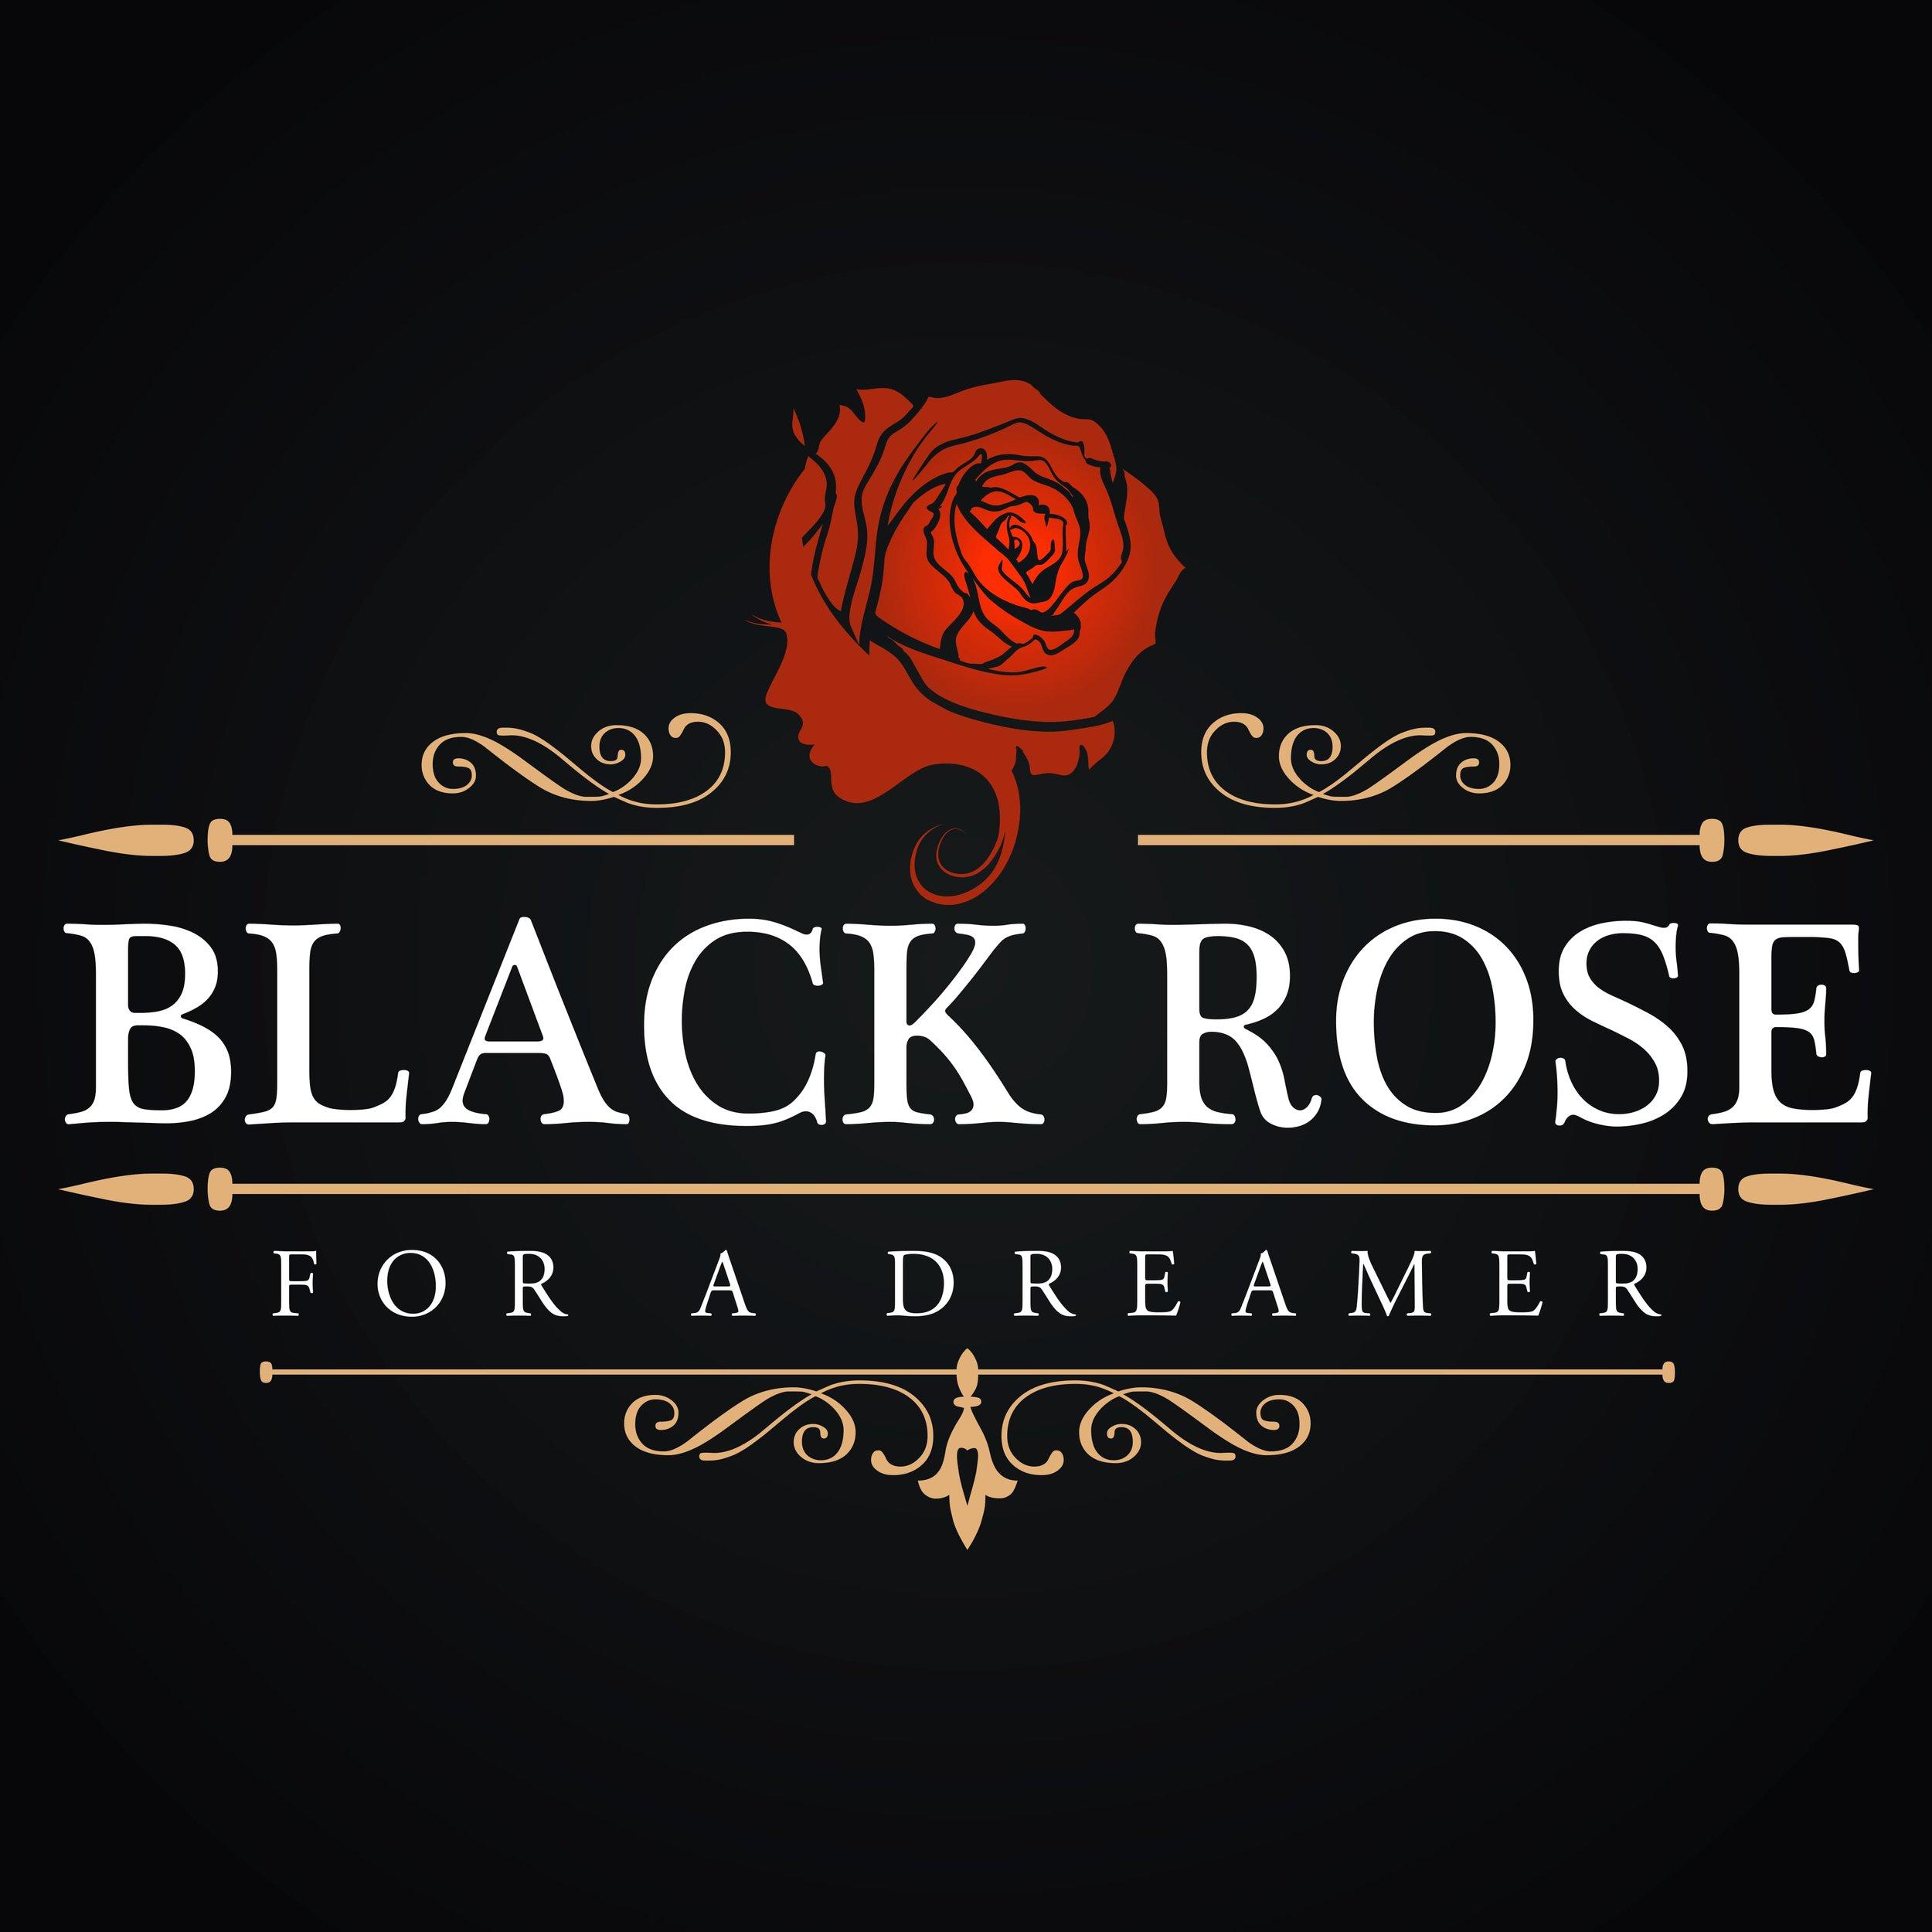 Black Rose logo design